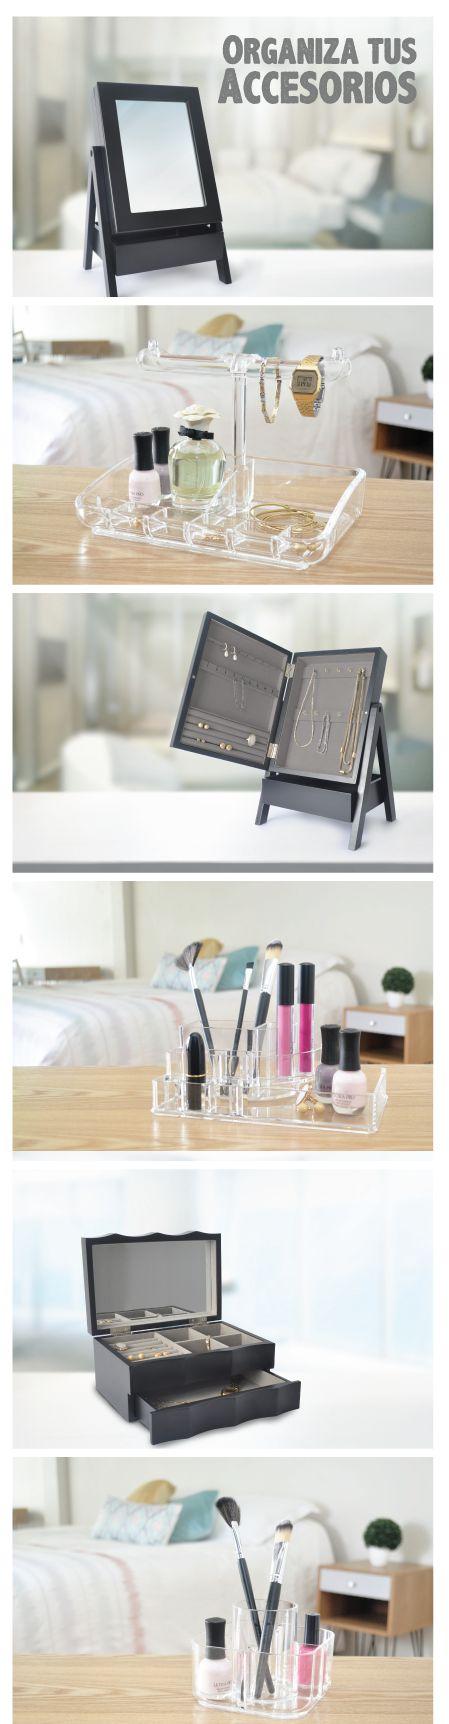 Organizar tus accesorios y joyería es tan fácil con uno cualquiera de estos productos. #Organización #Joyería #Accesorios #Joyero